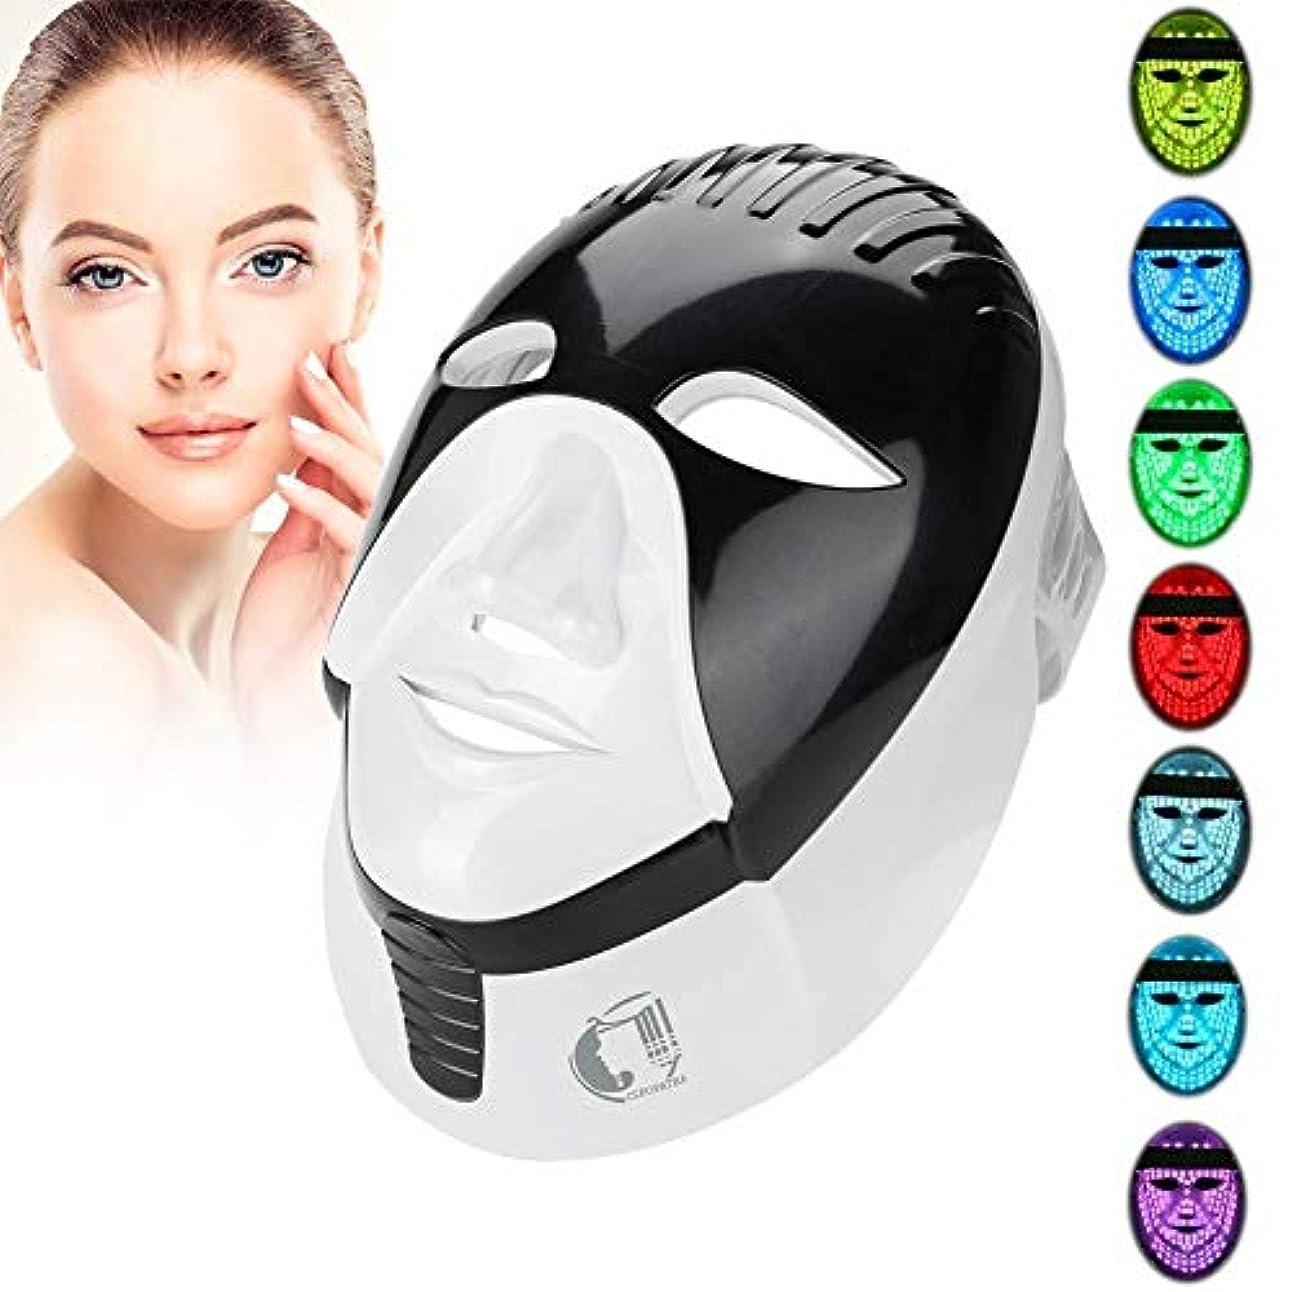 医学同意ピースフォトンセラピー7色マスク、毎日のスキンケアの若返りにきびとしわの除去のための美光療法フェイシャル